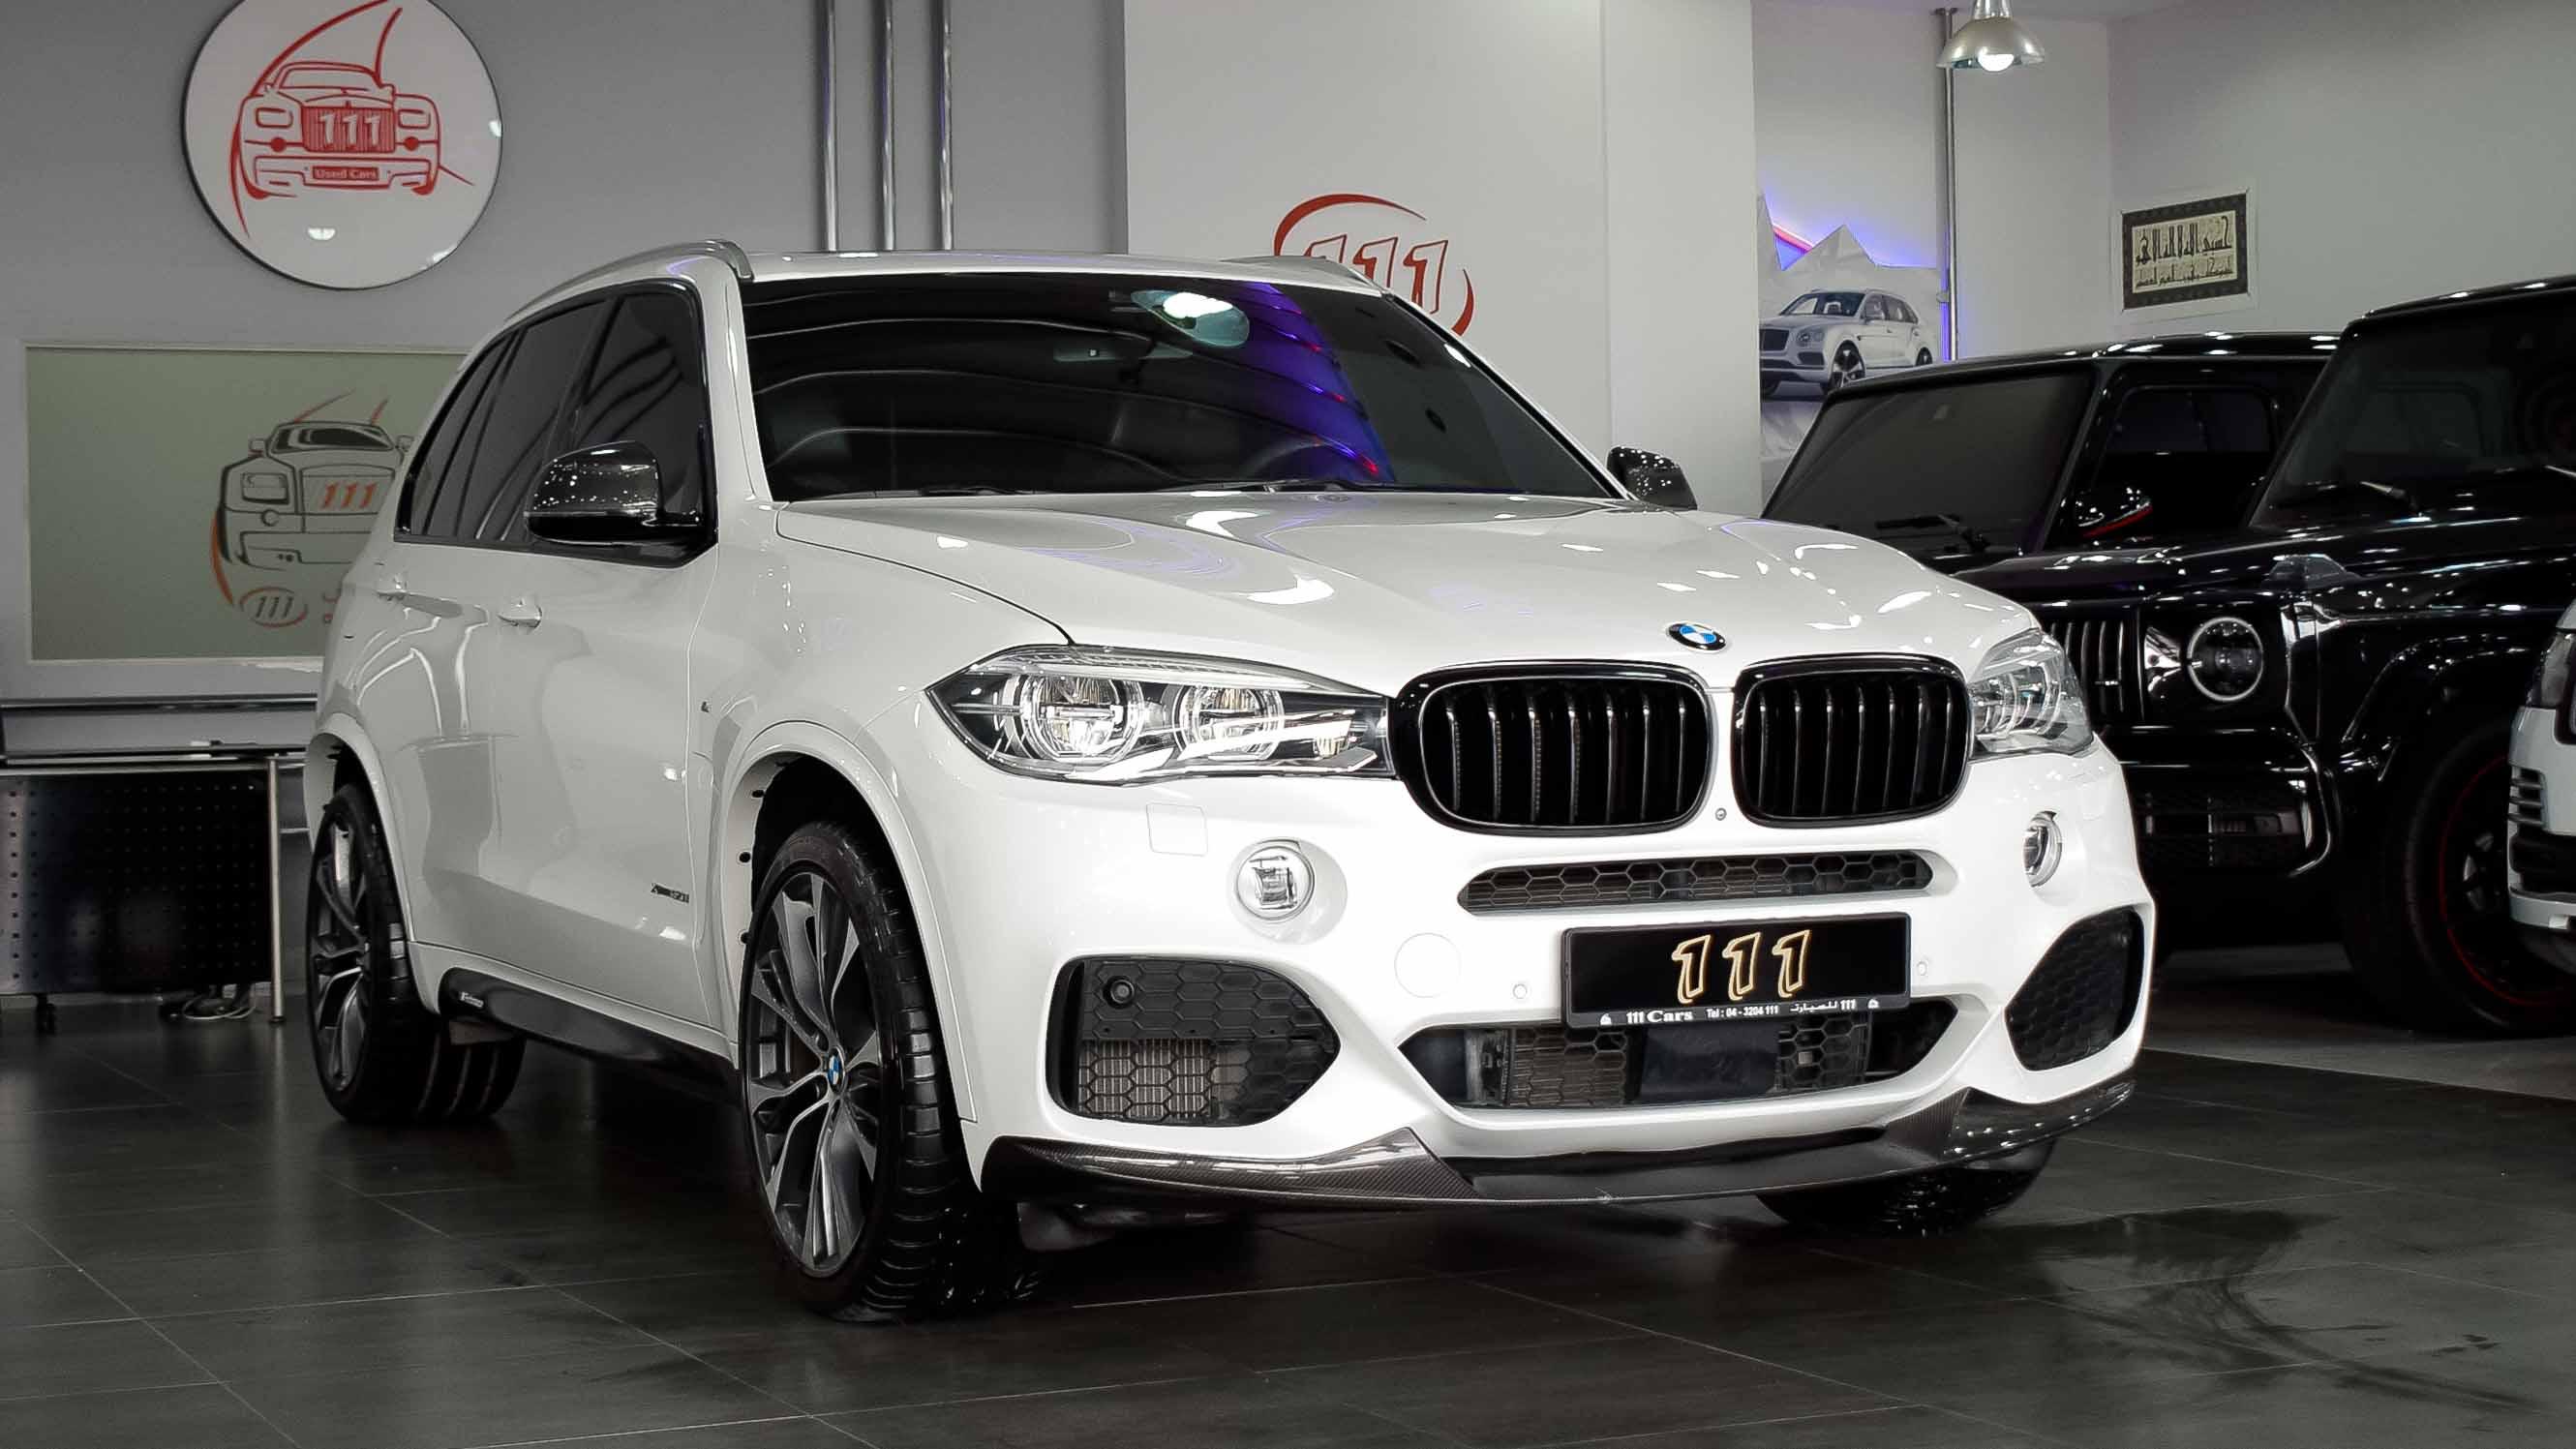 2014-BMW-X5-xDrive50i-M-Performance-White-Tan-GCC-03.jpg